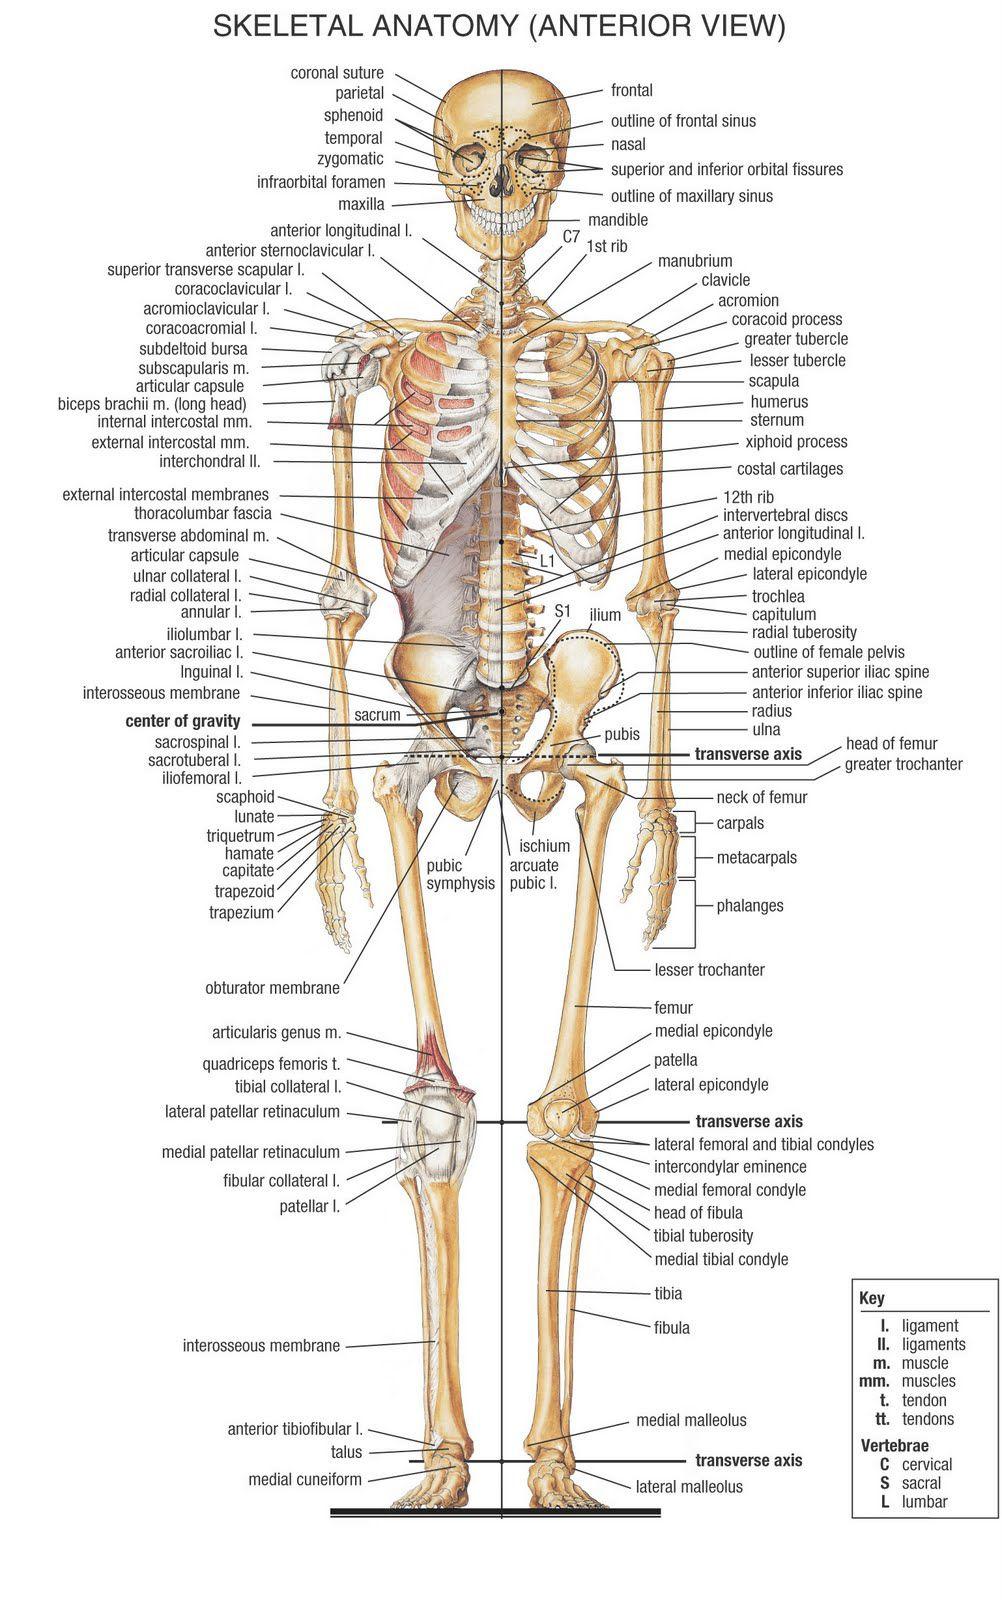 Human Body Sekeltal System 2 | Study Tips | Pinterest | Human body ...